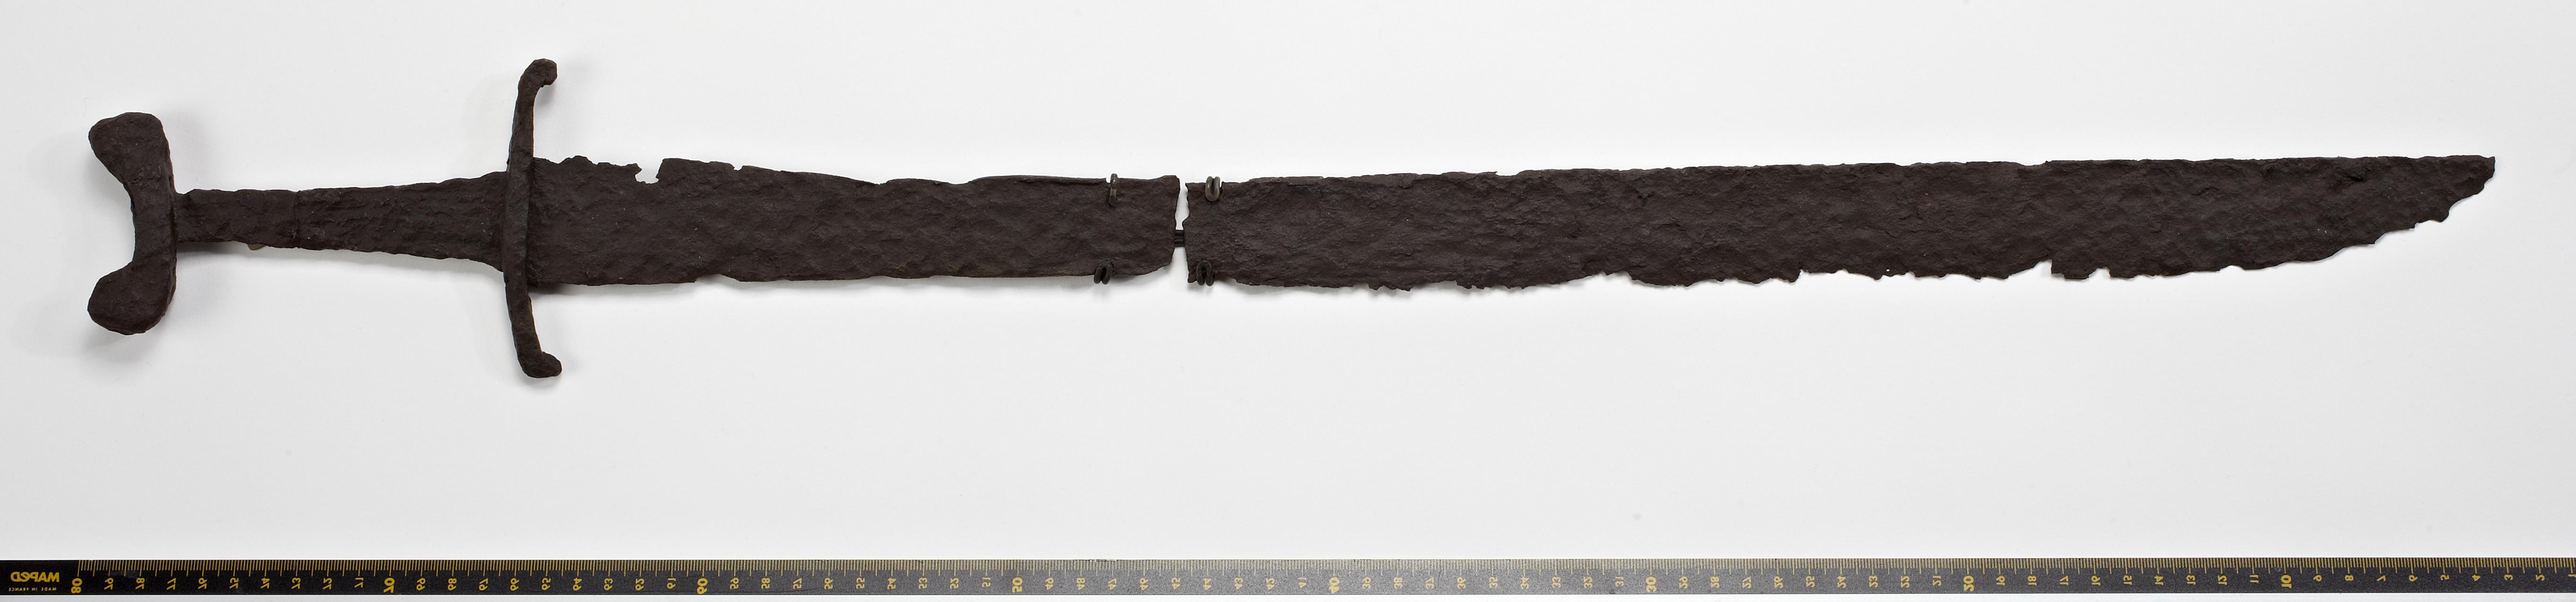 type-G-sword-norway-single-edged